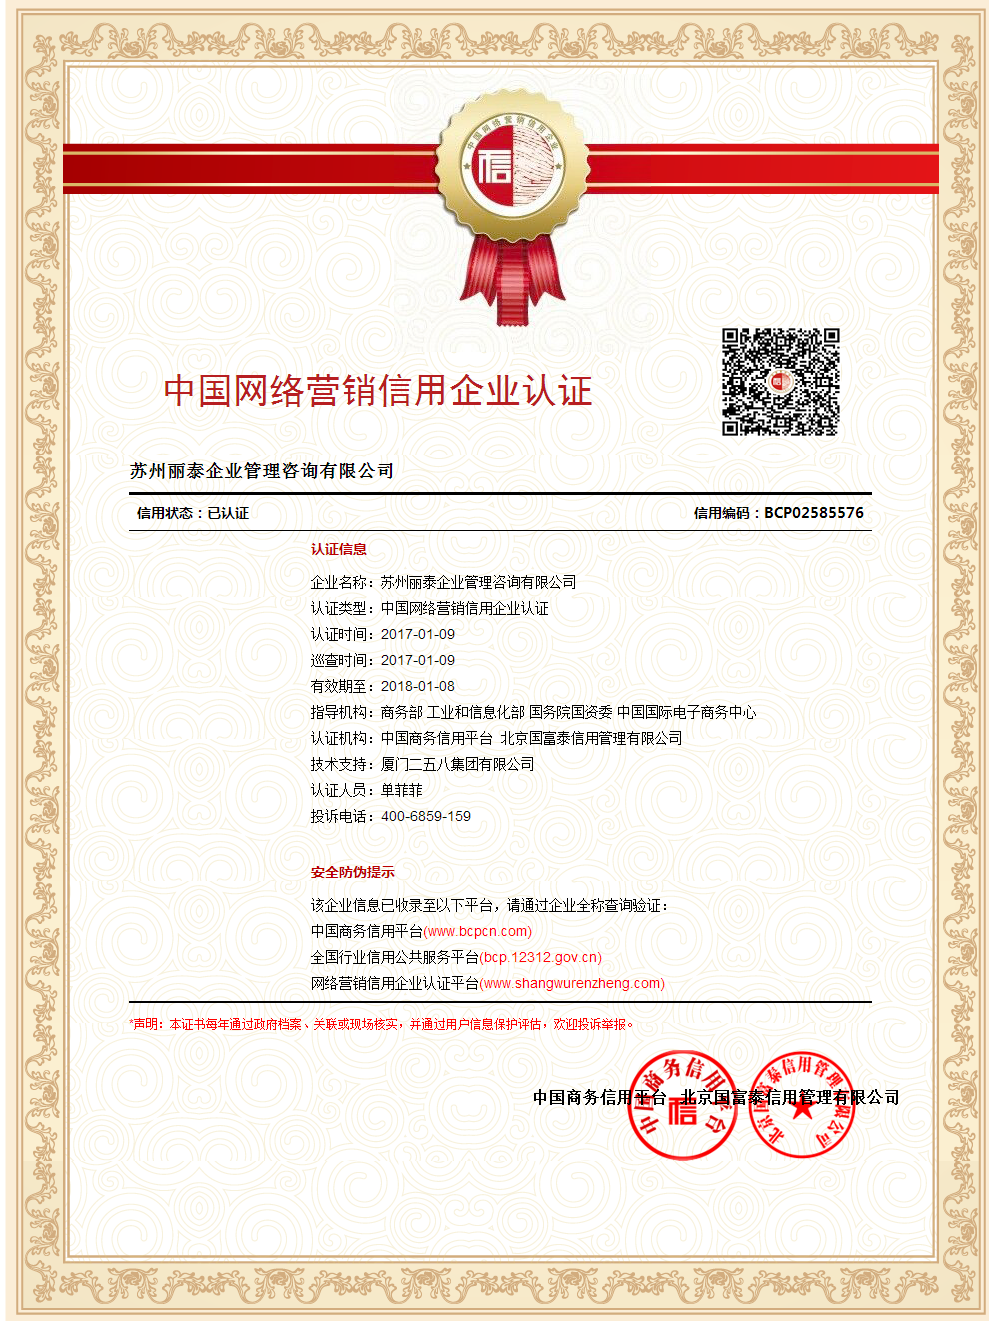 中国网络营销信用企业认证.png